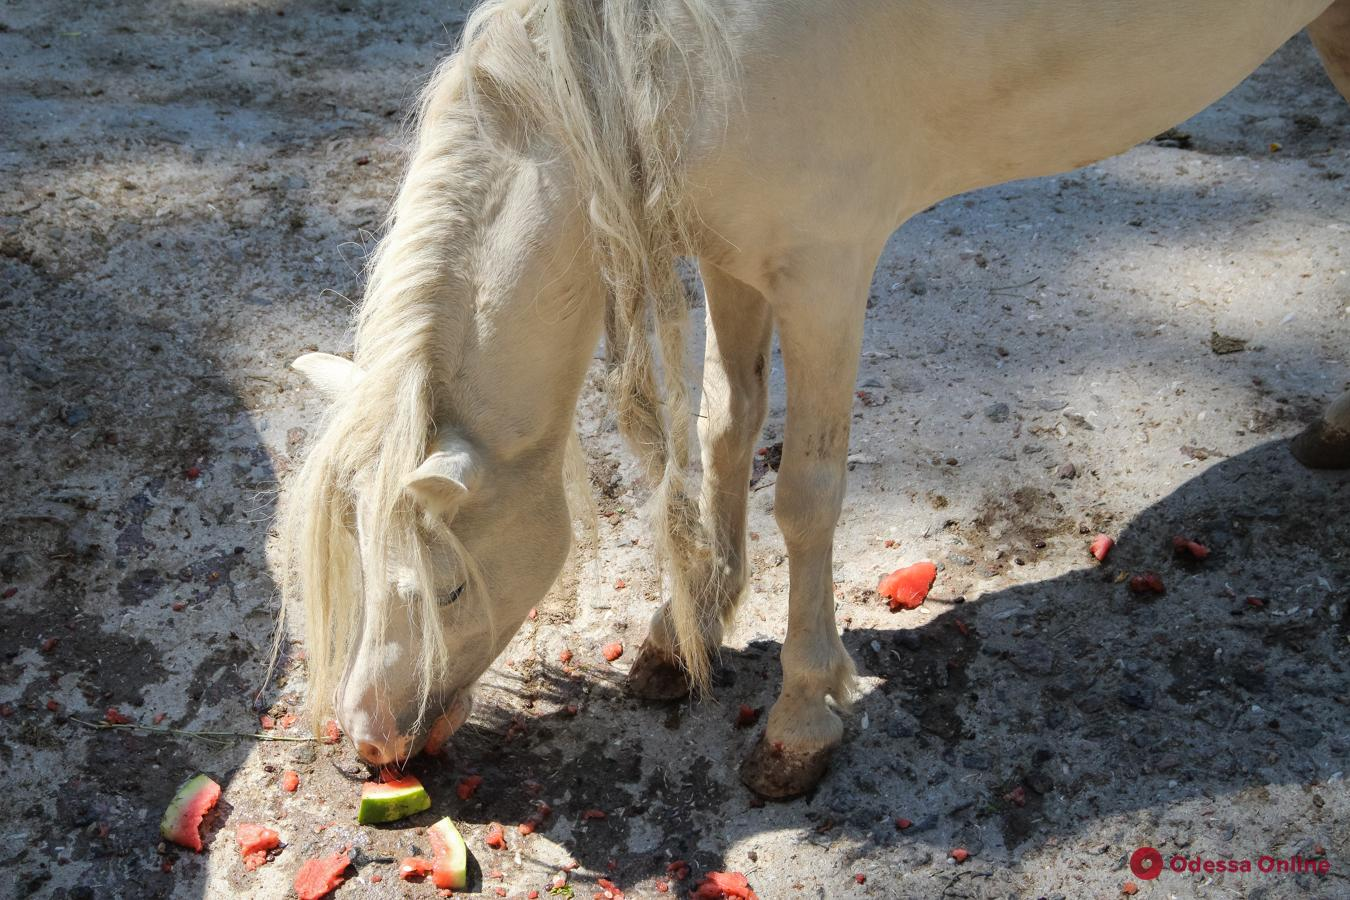 Одесский зоопарк: ковбойская вечеринка, кормление лошадей и море позитива (фото)